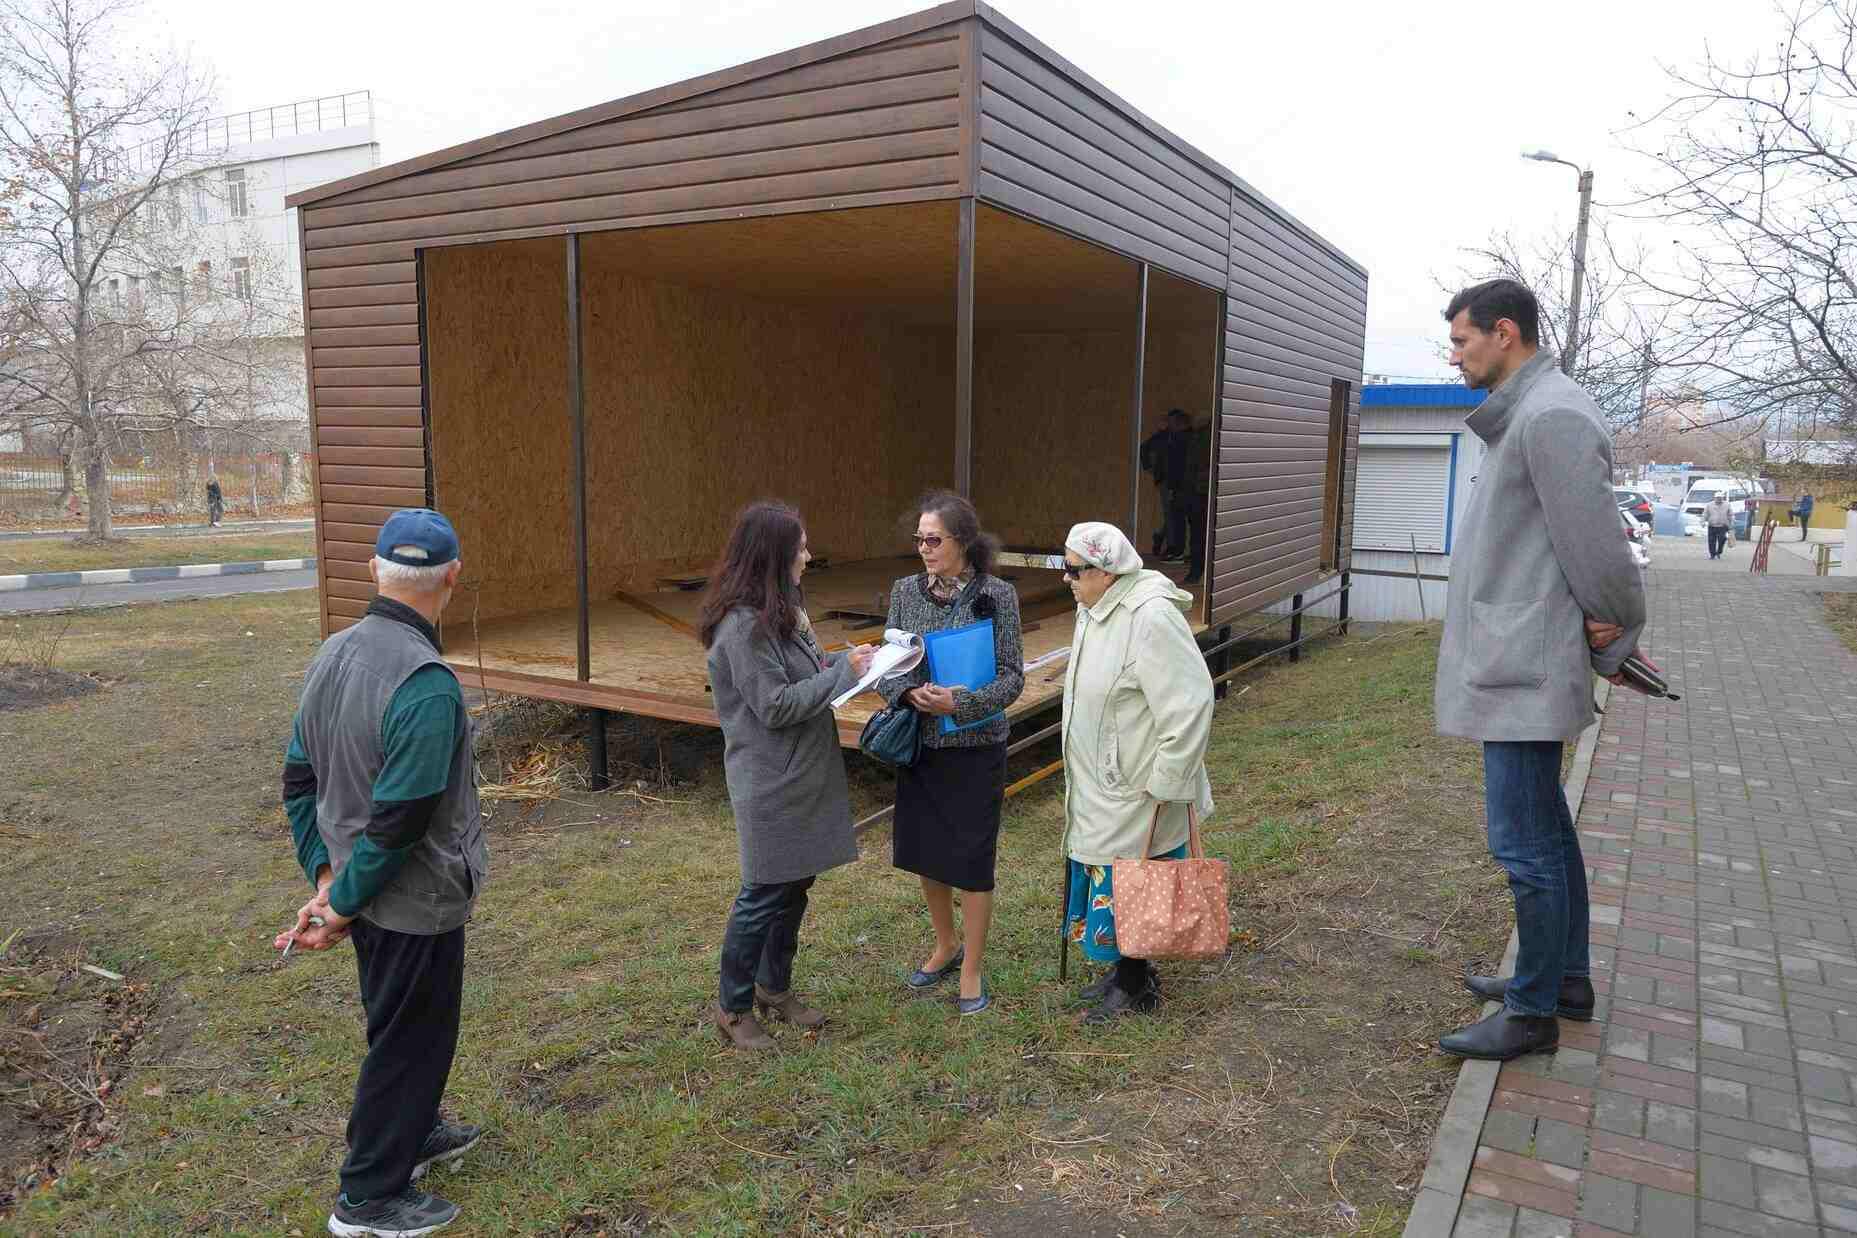 Новороссийцы против очередного ларька в зеленой зоне